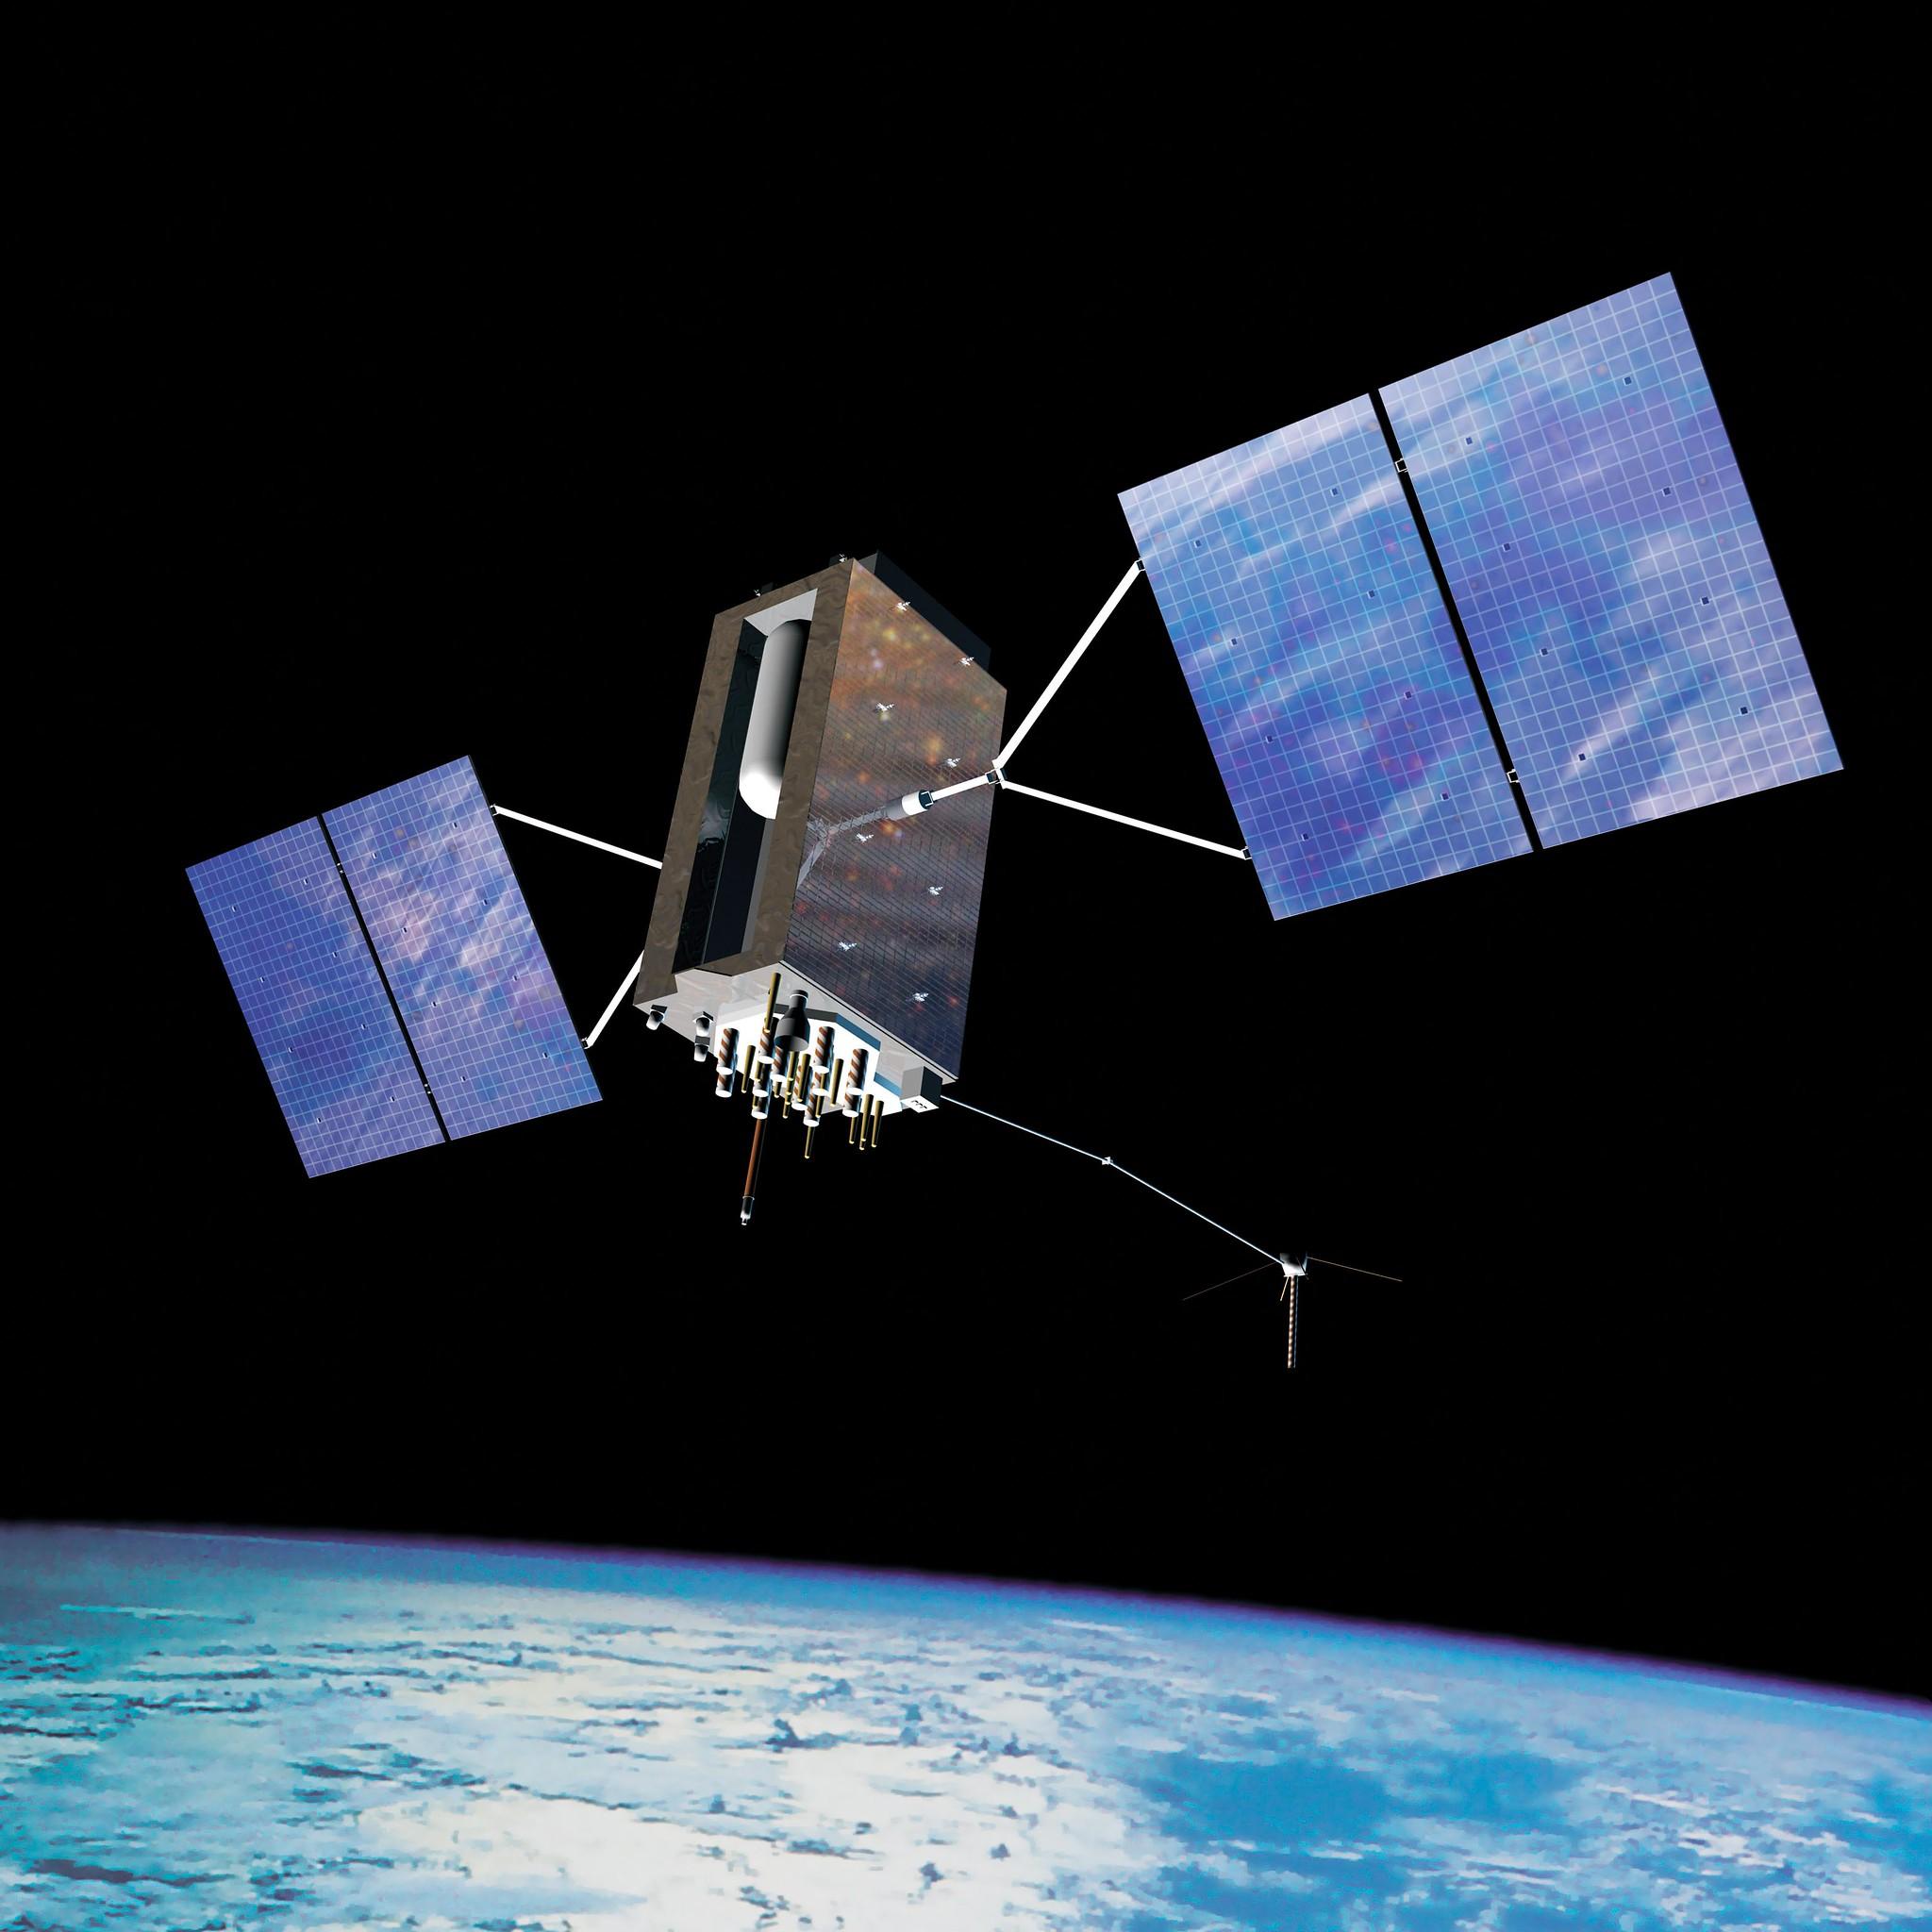 ロシア、「対衛星兵器」の軌道上実験を実施か 米宇宙軍が報告